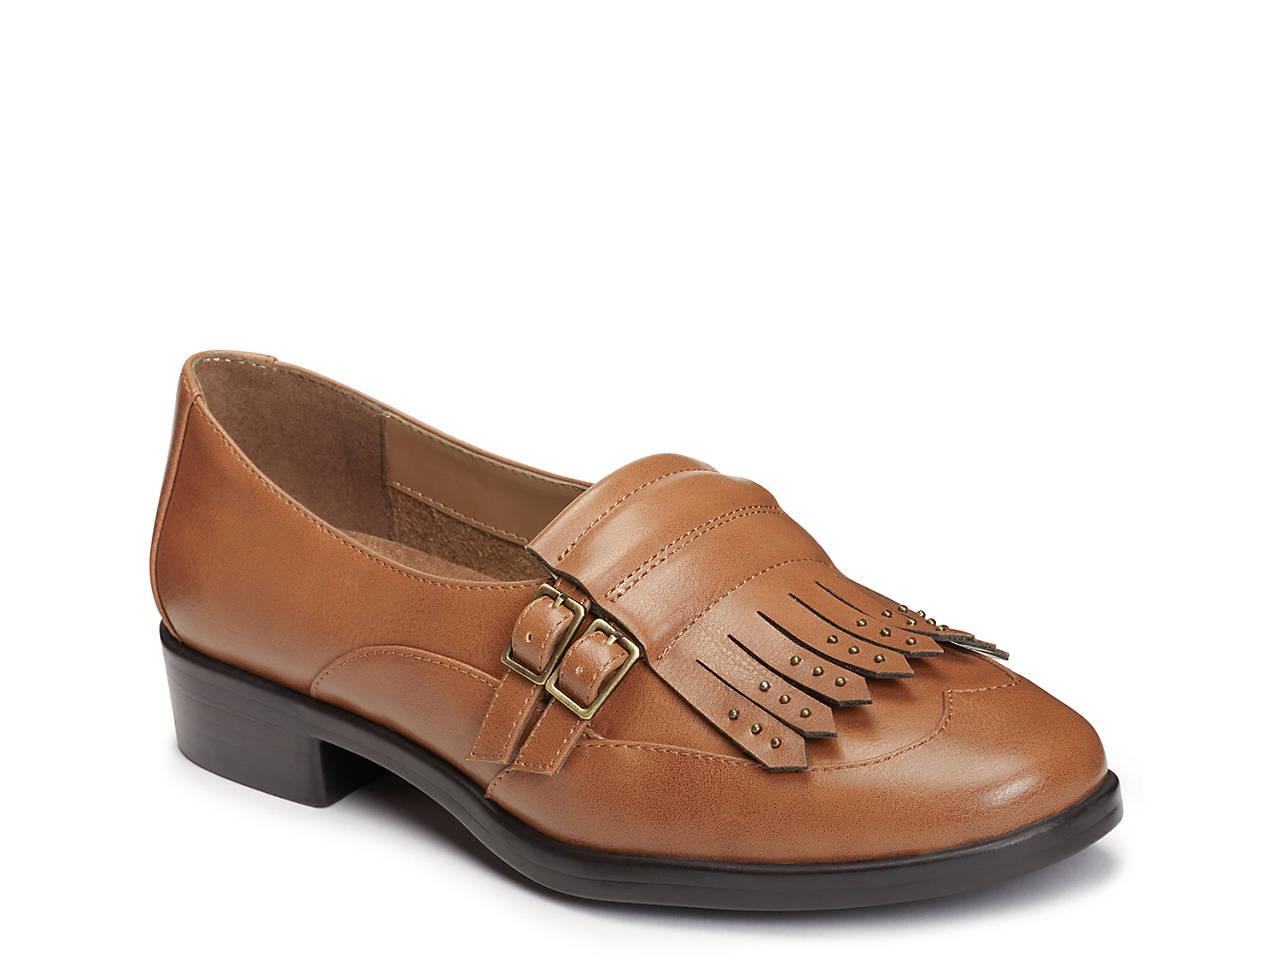 324dc652bf79 Aerosoles Ravishing Loafer Women s Shoes